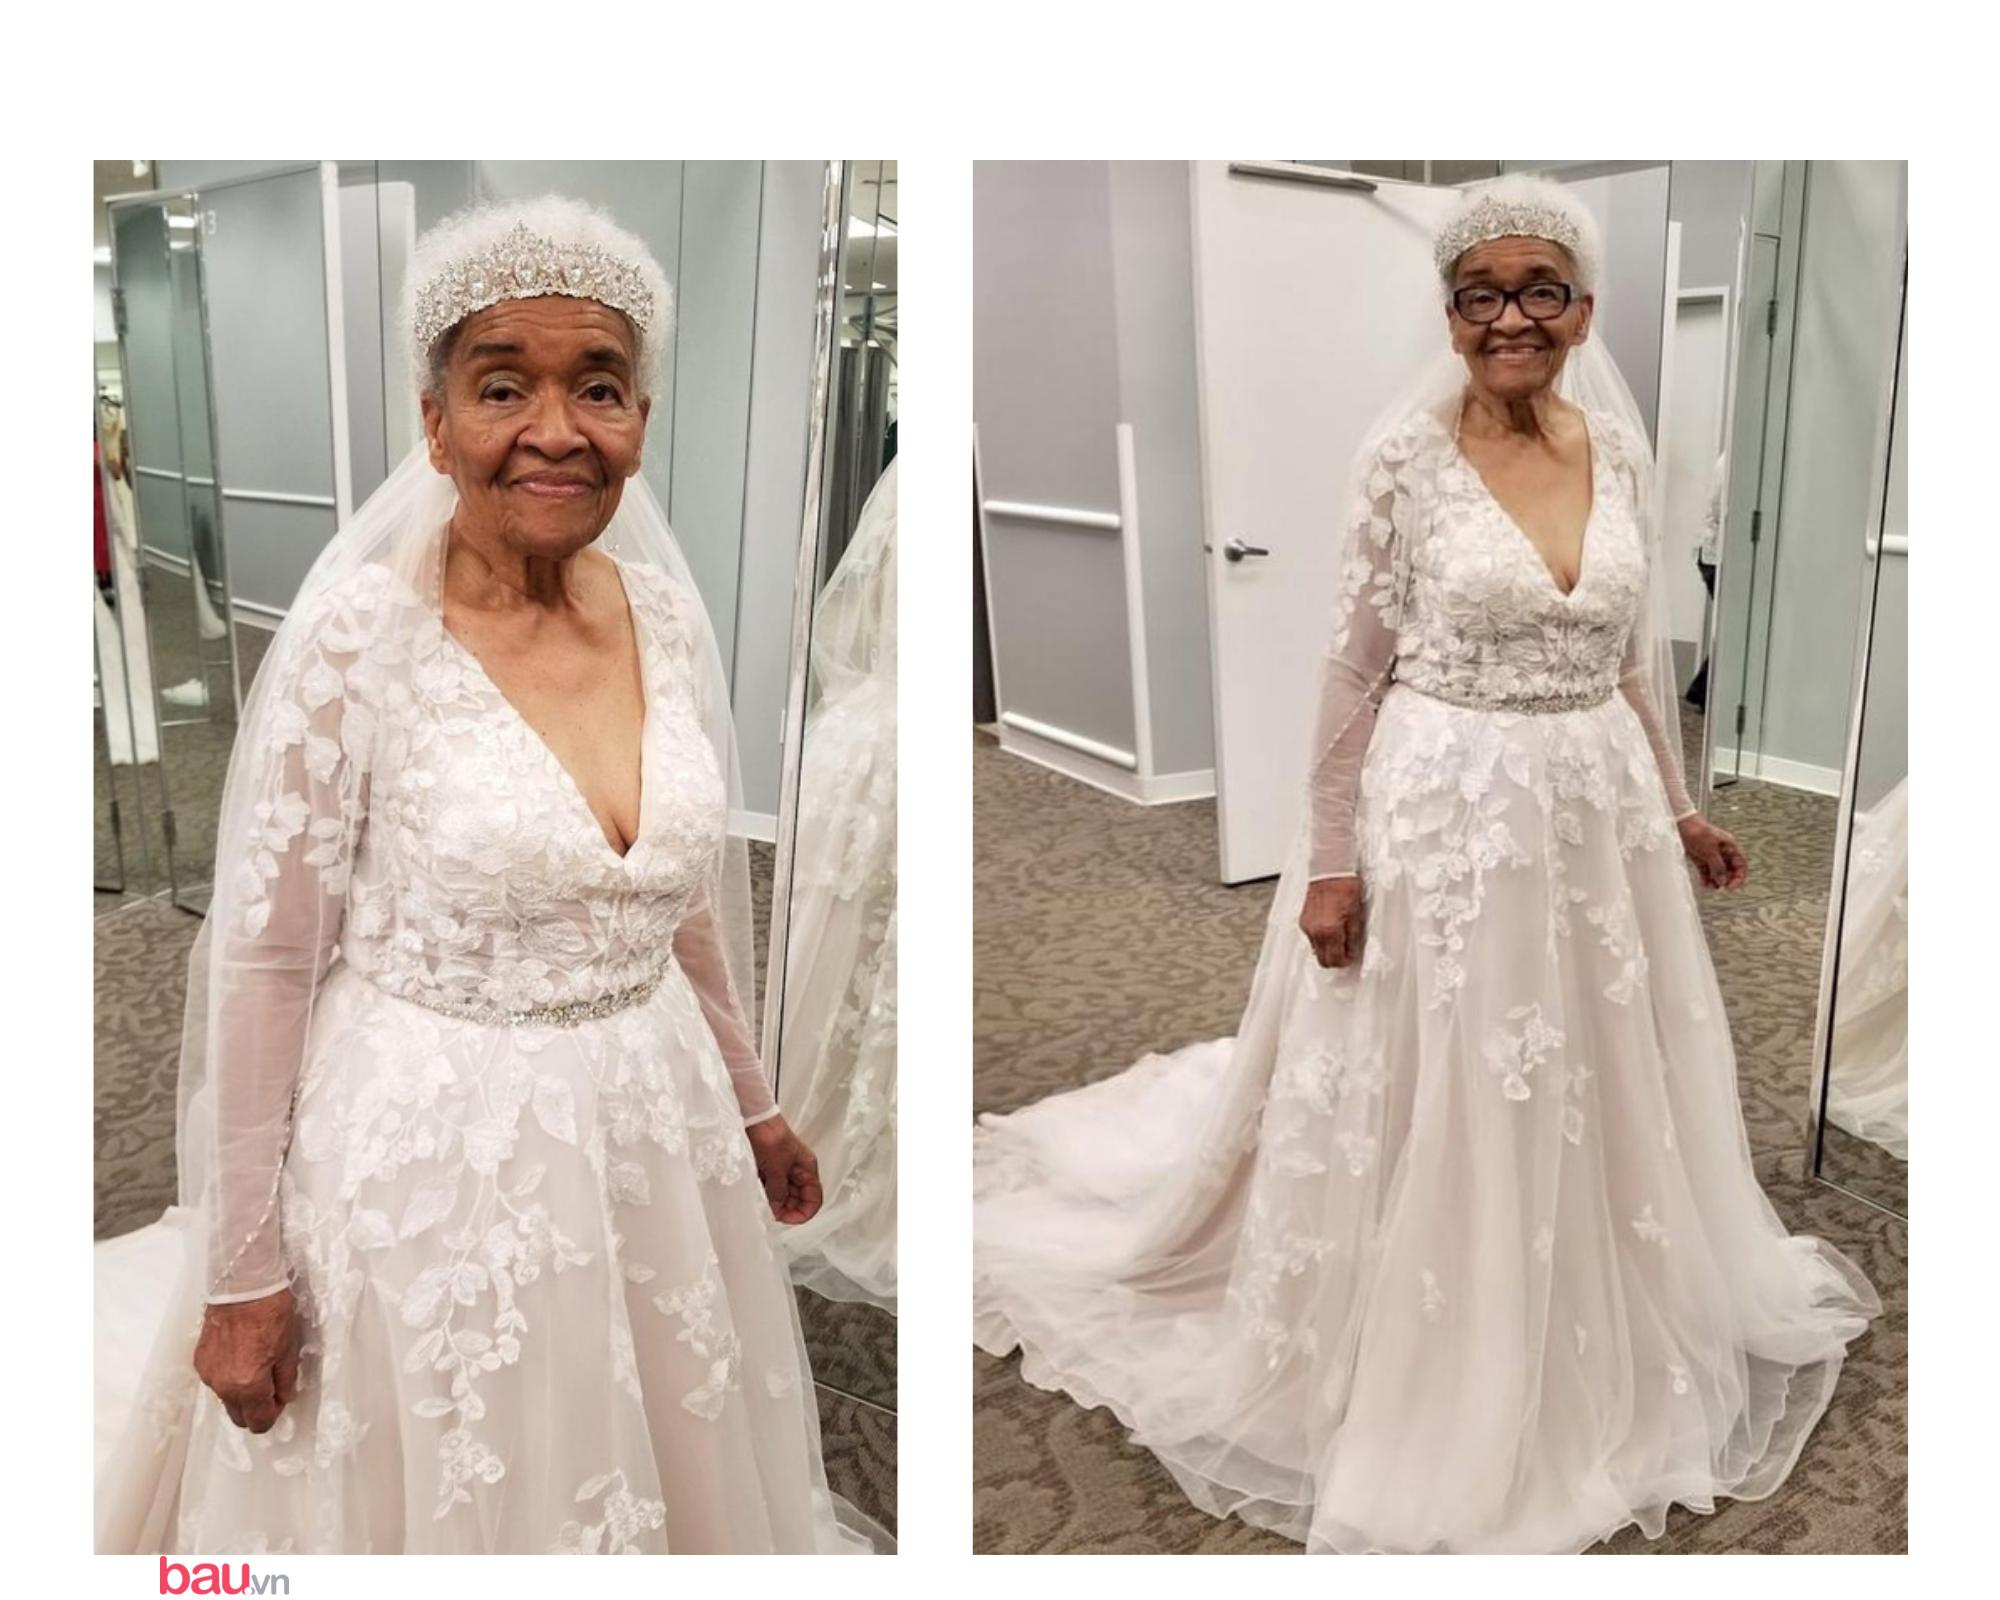 Cụ bà người da đen hạnh phúc vì được mặc váy cưới sau 70 năm chờ đợi